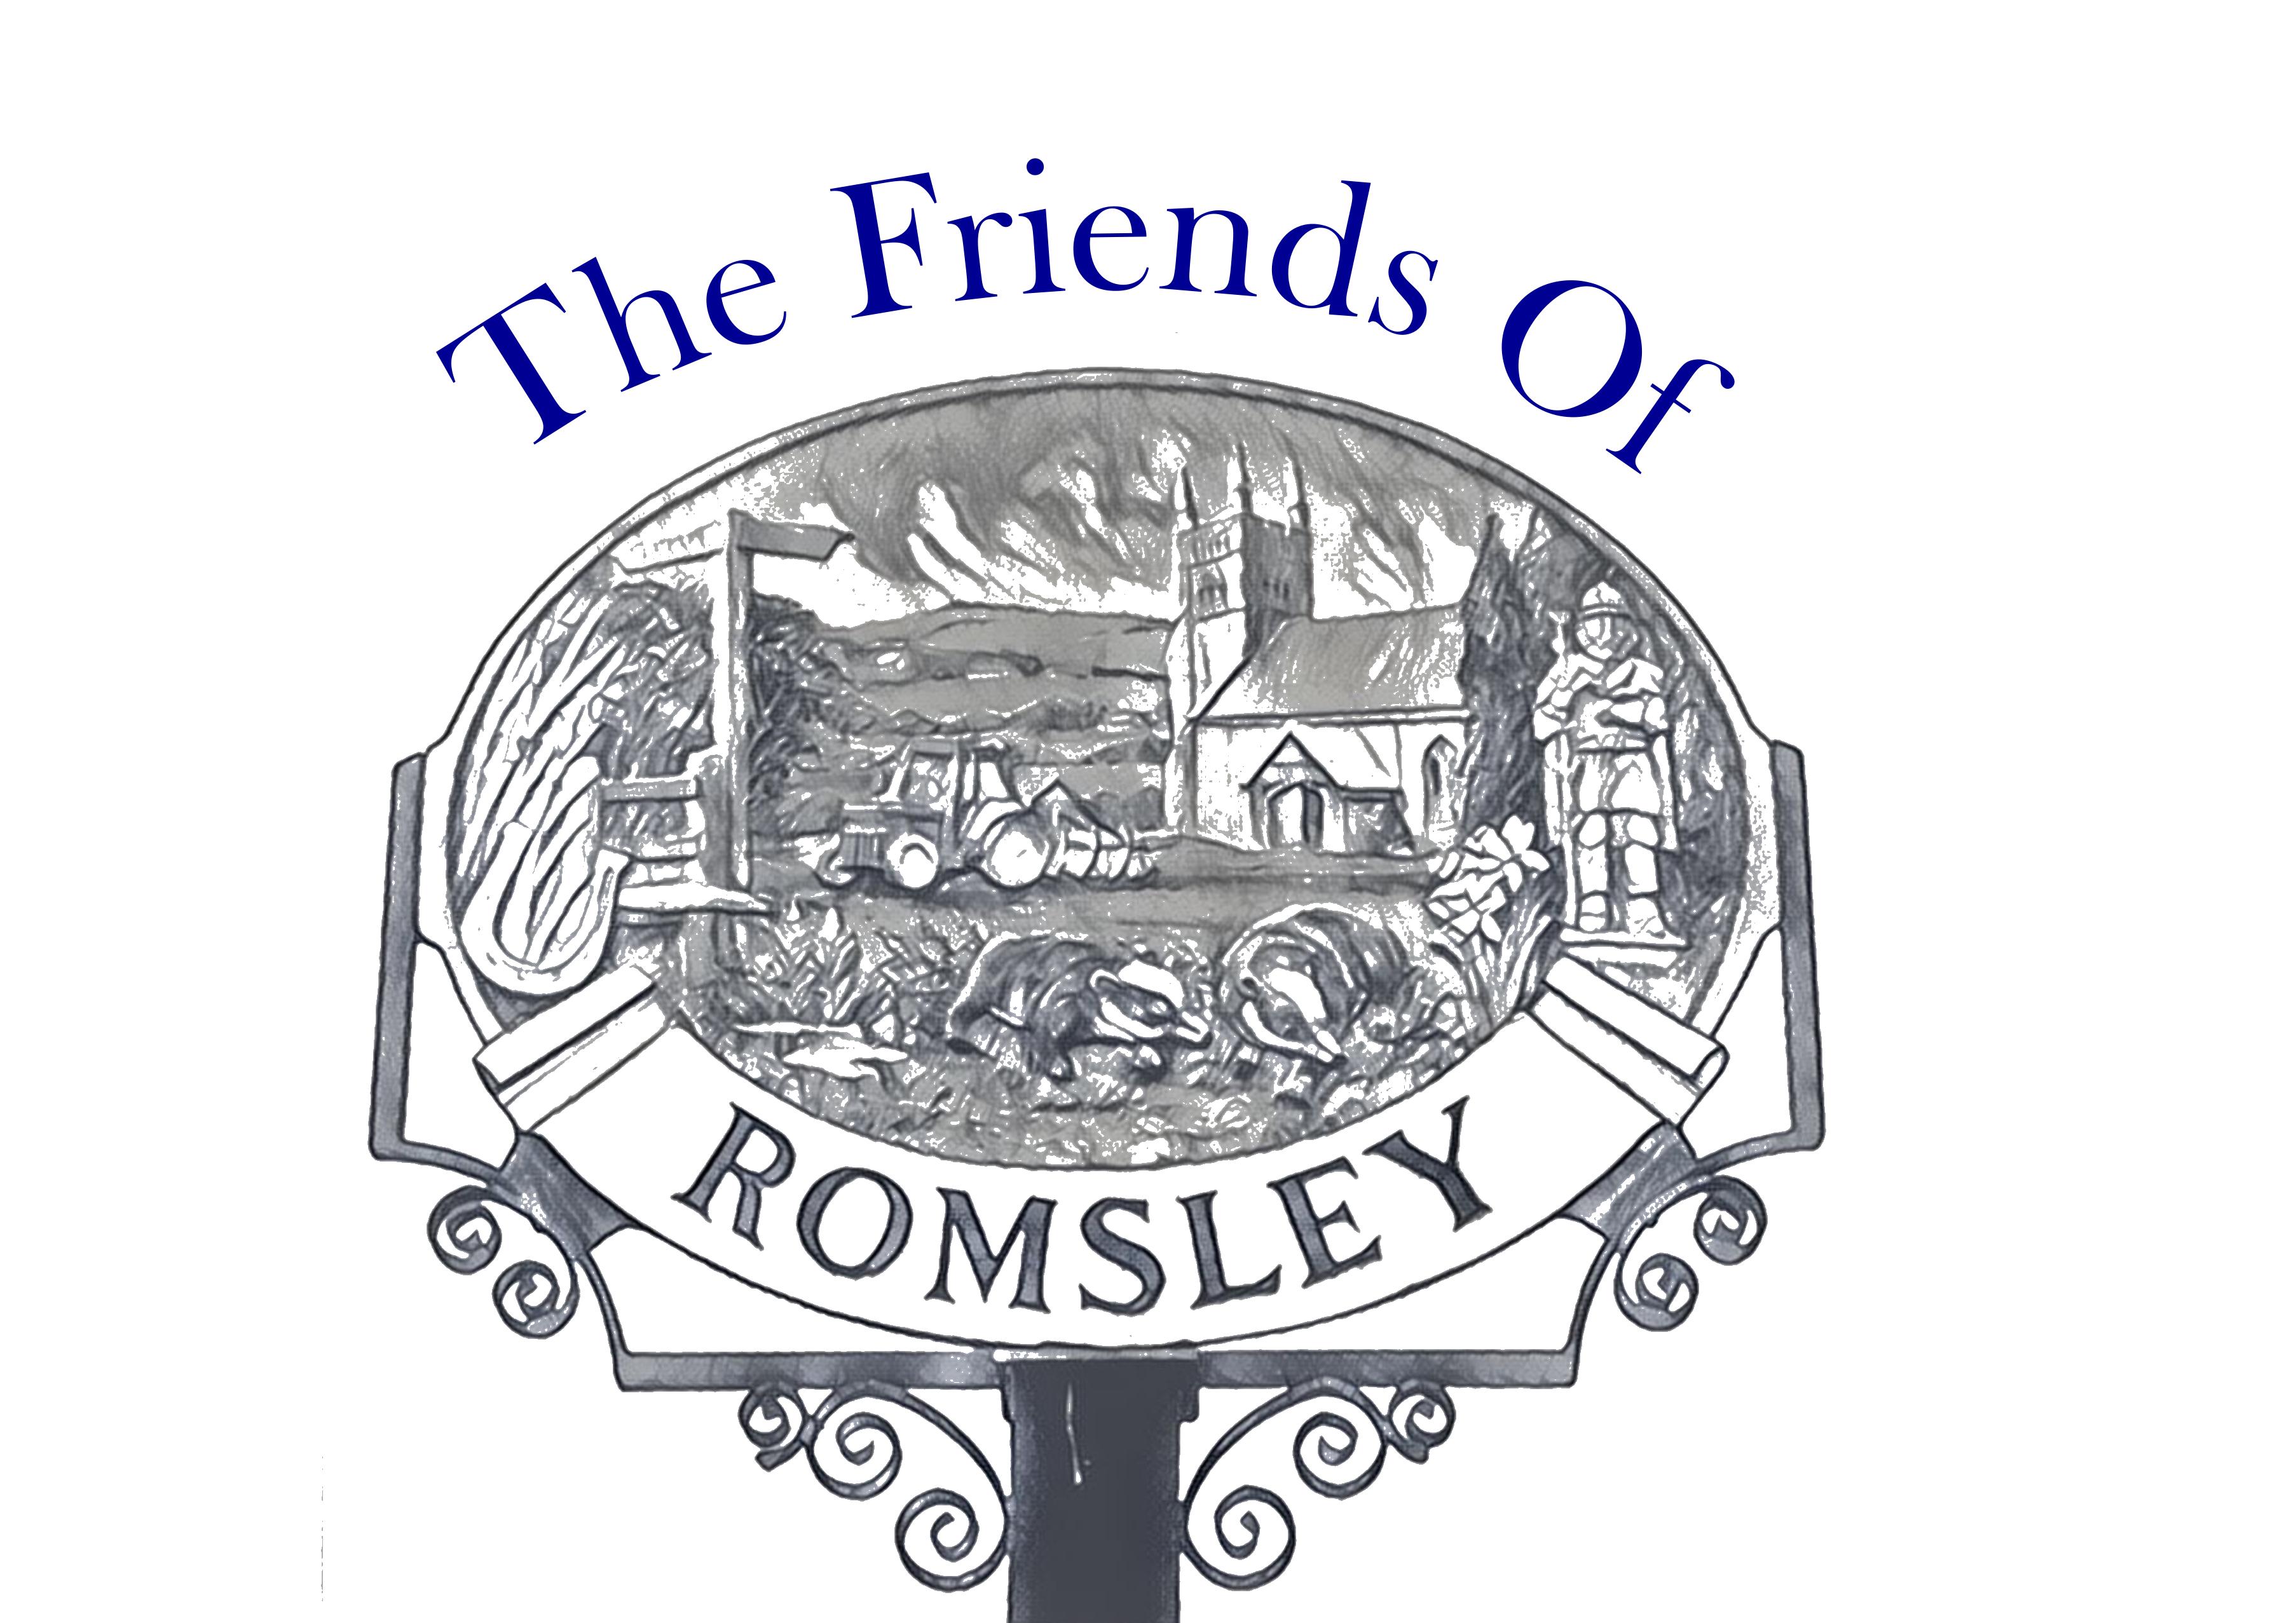 Friends of Romsley Logo